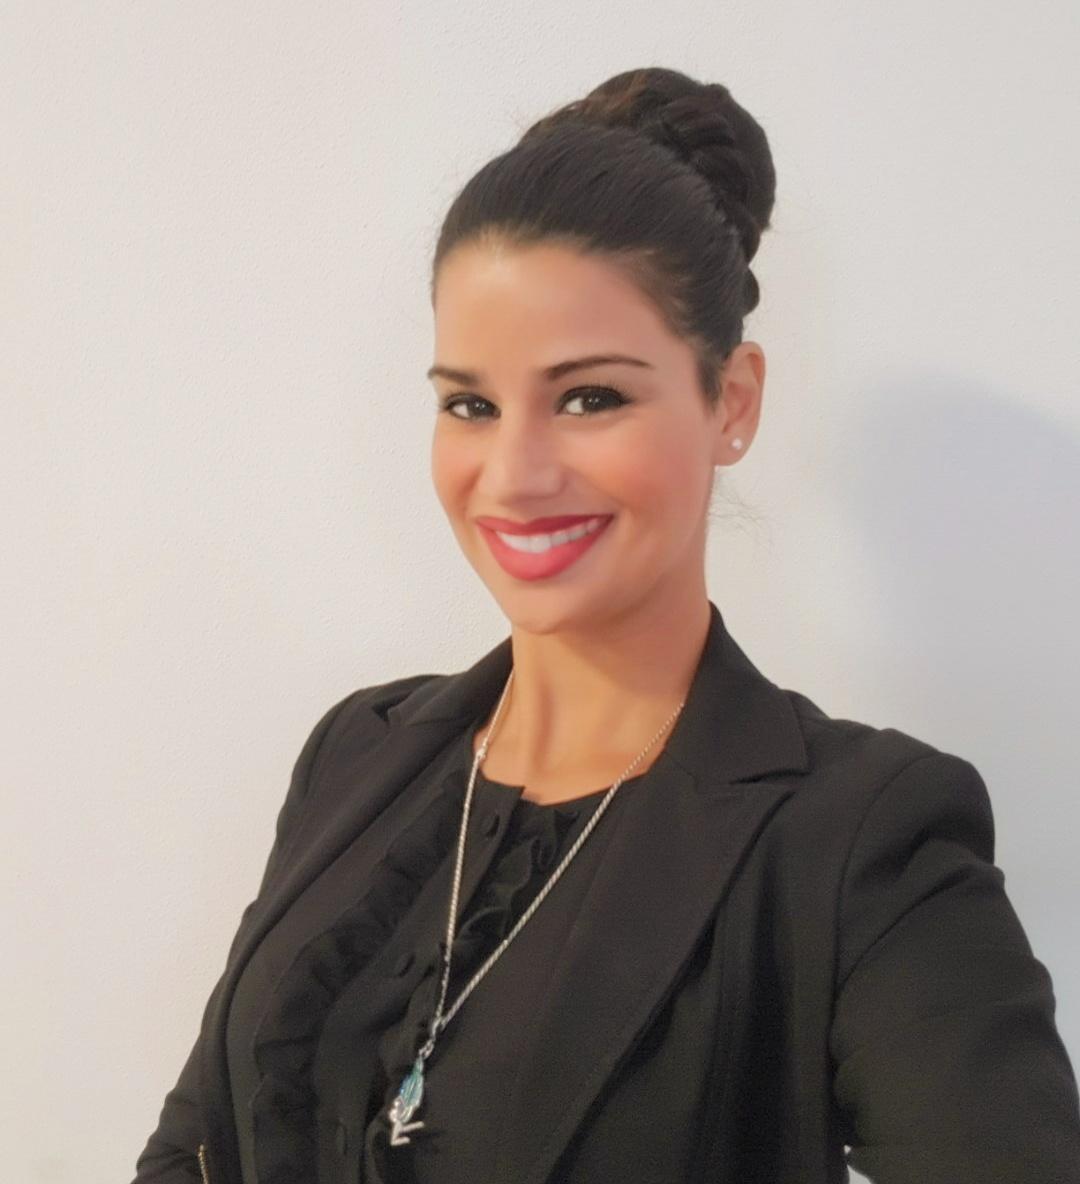 Avvocato Francesca Paola